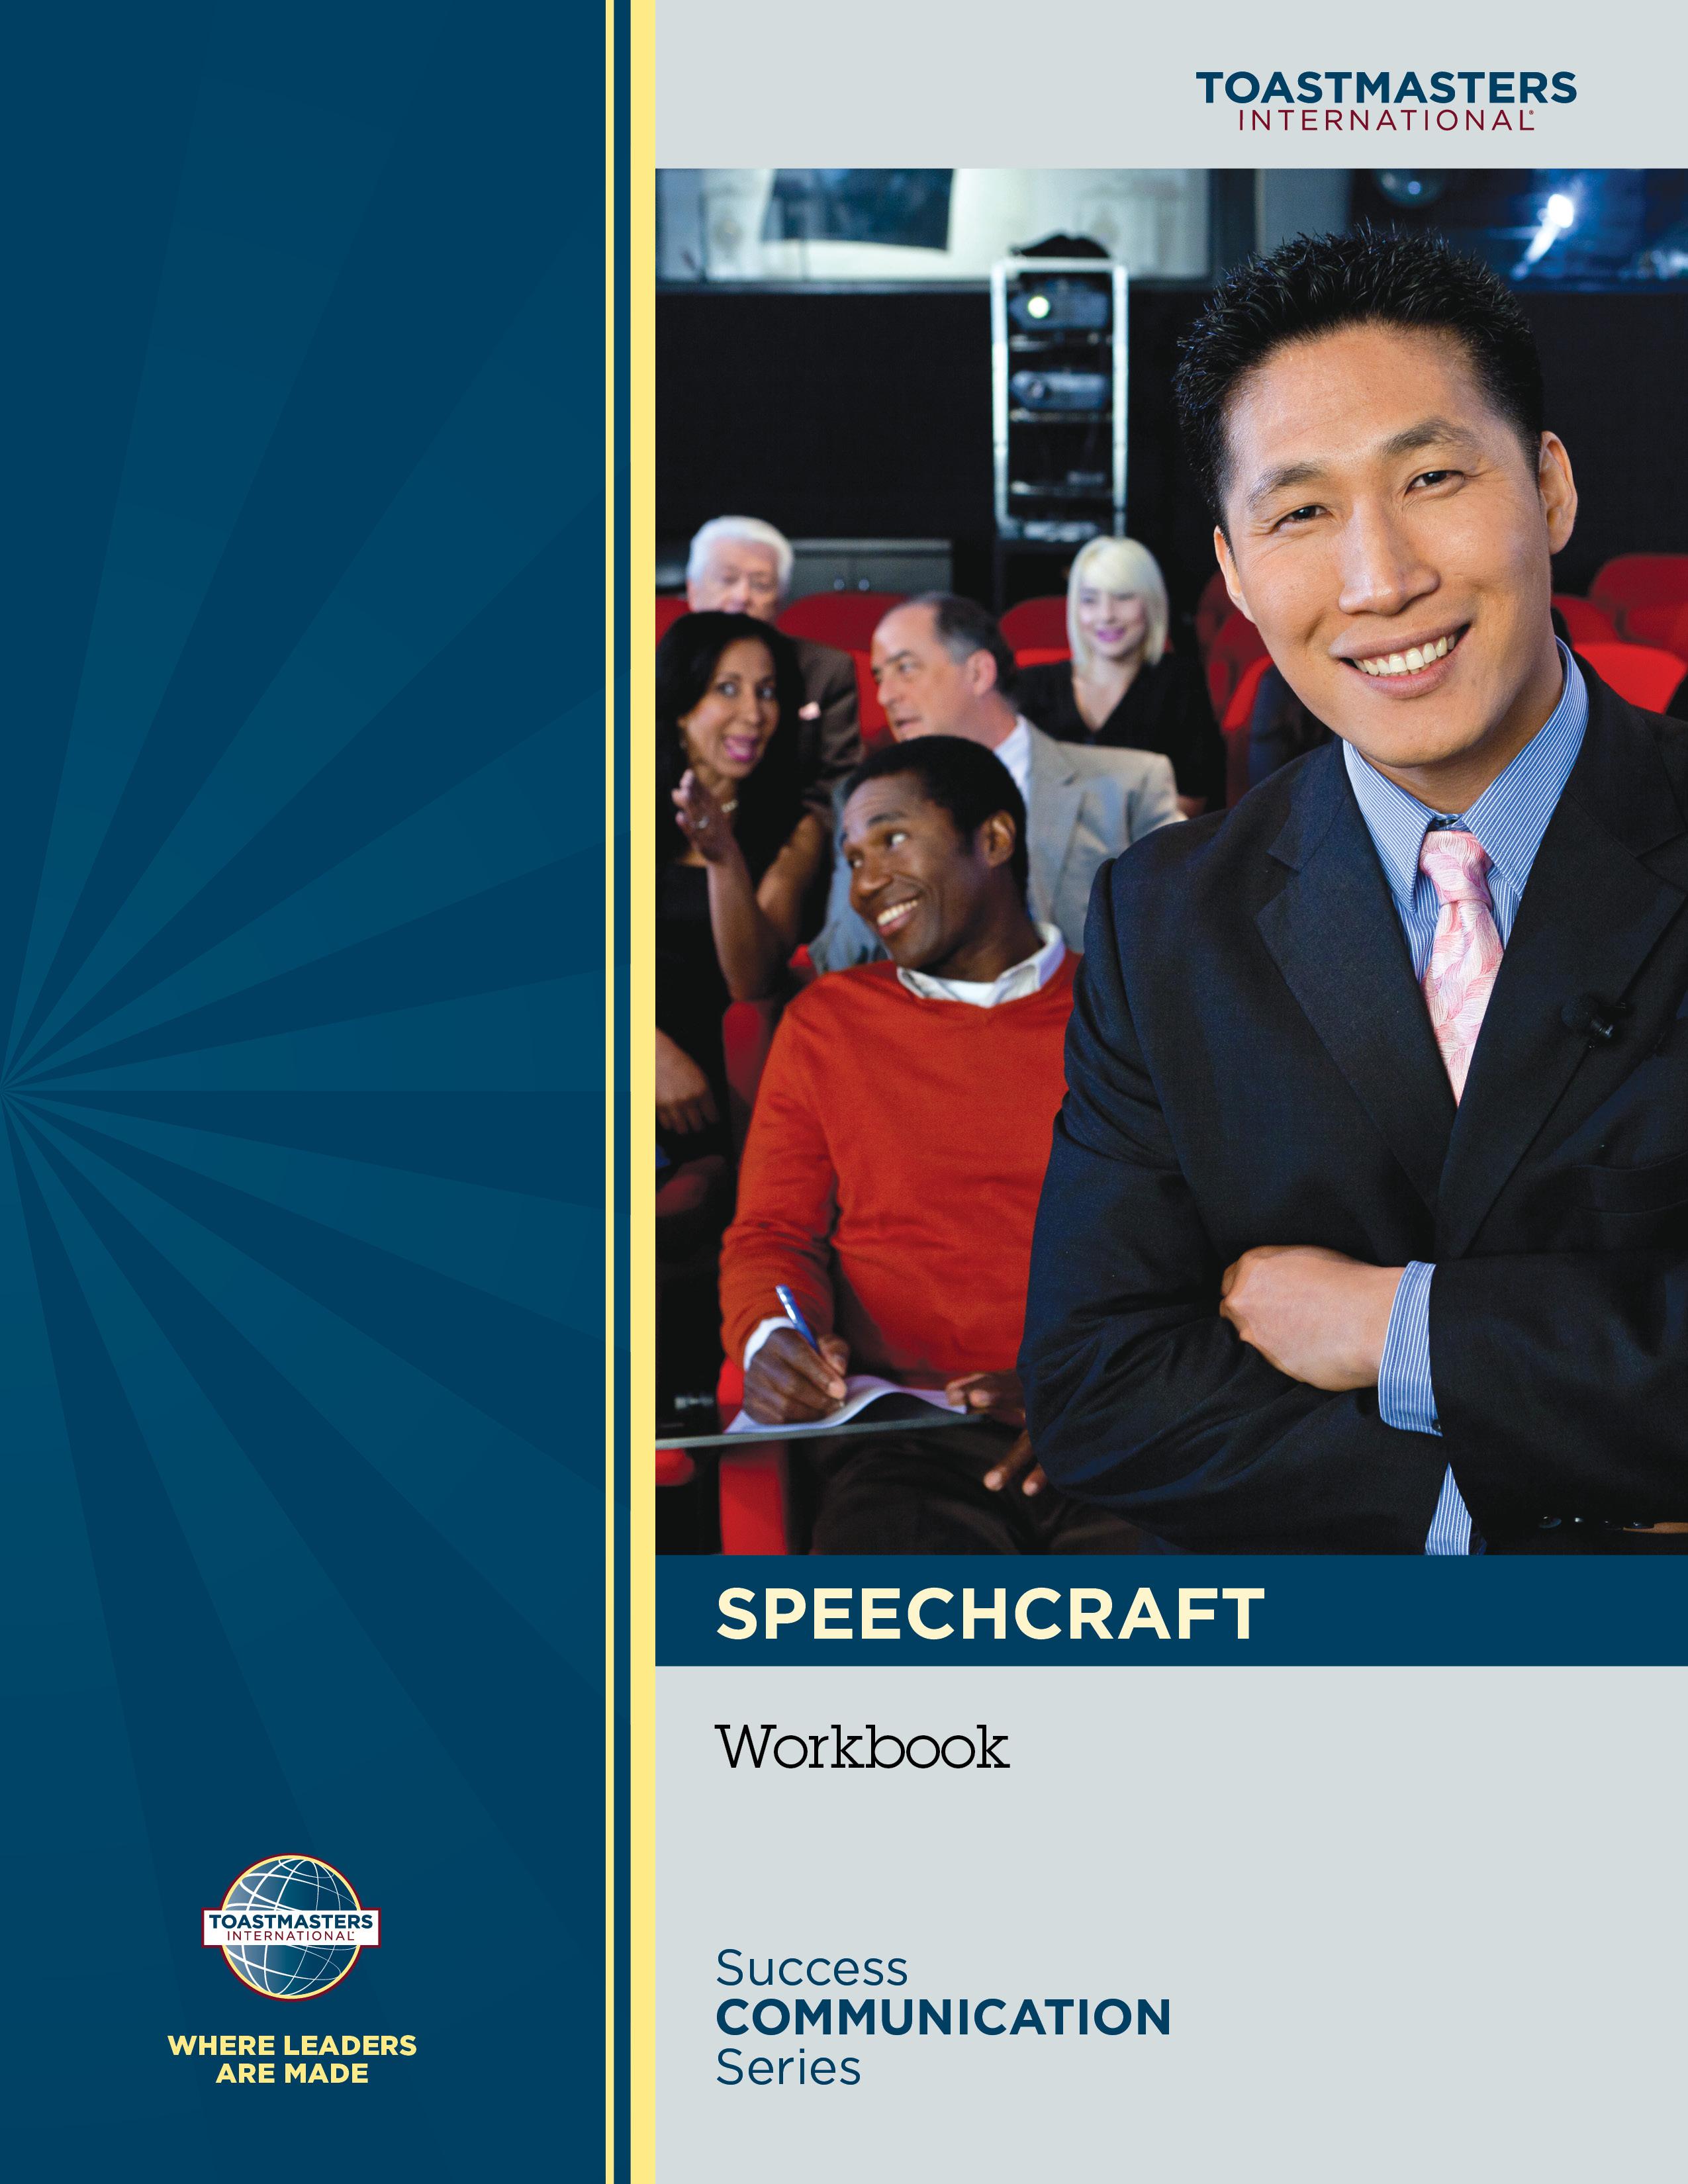 Speechcraft Workbook